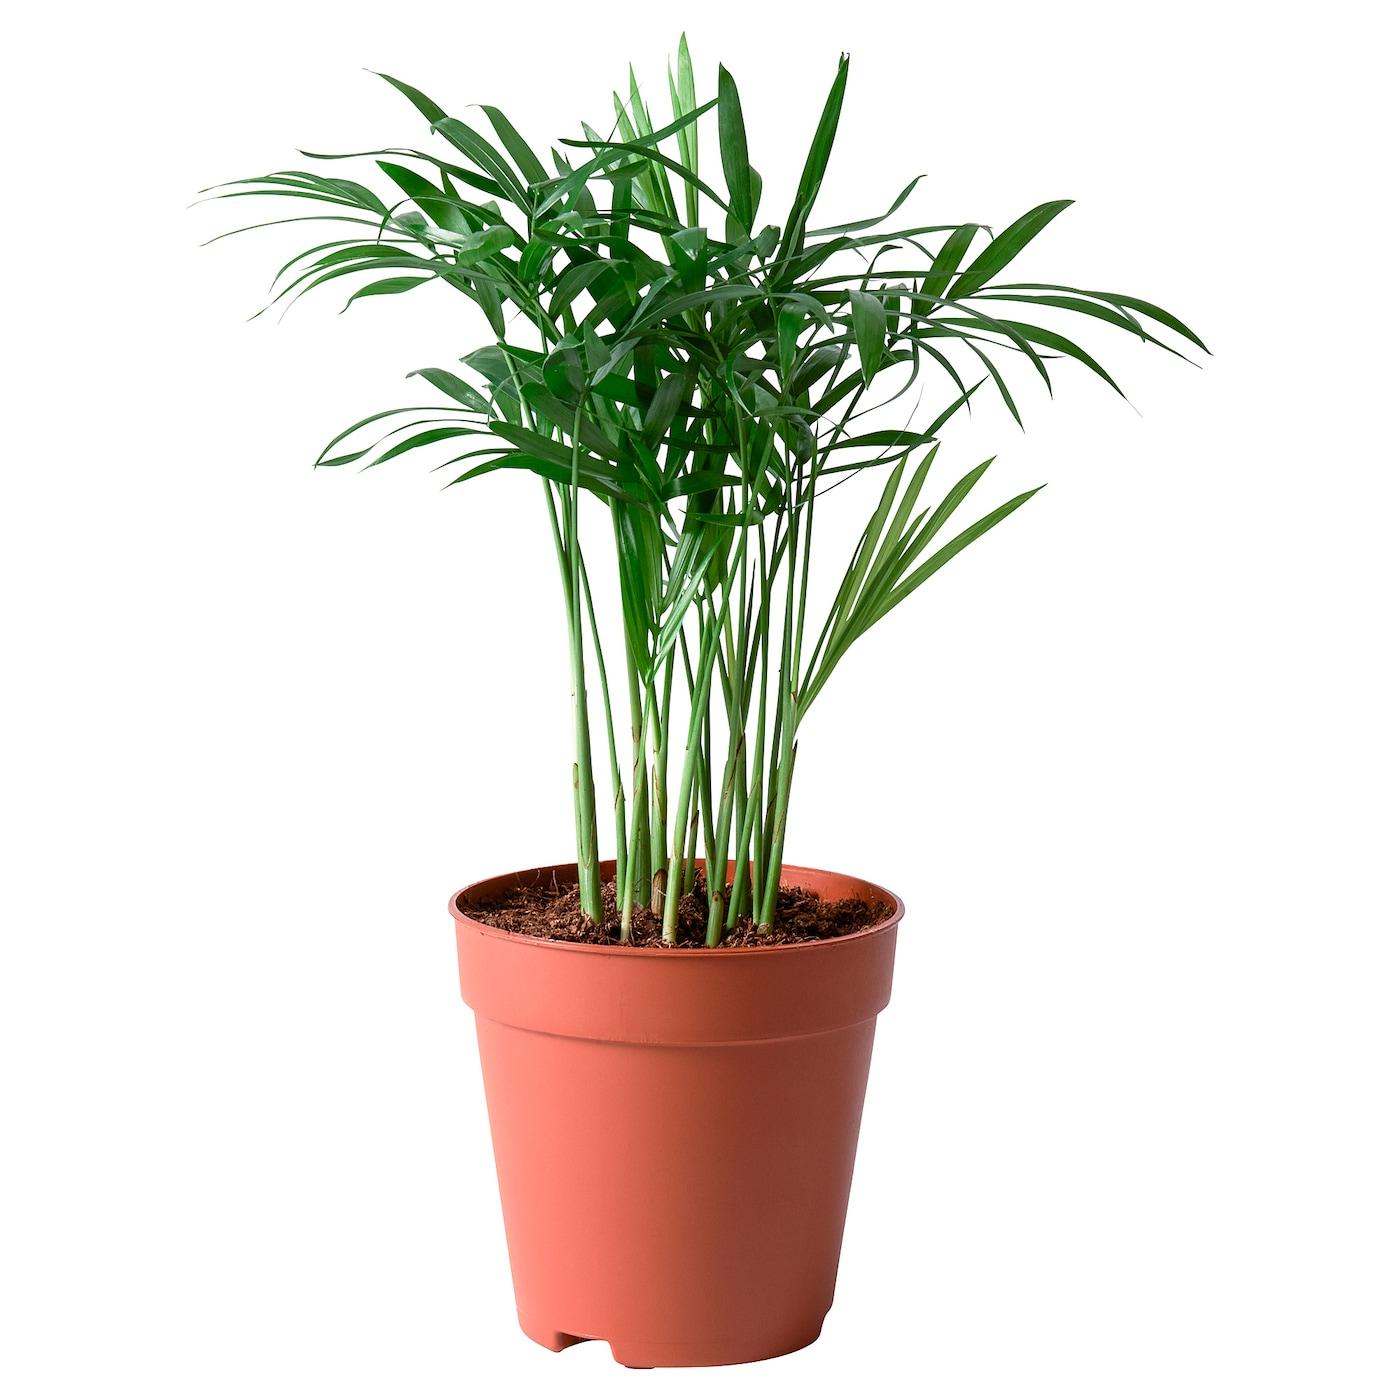 Chamaedorea Elegans Potted Plant Parlour Palm Ikea